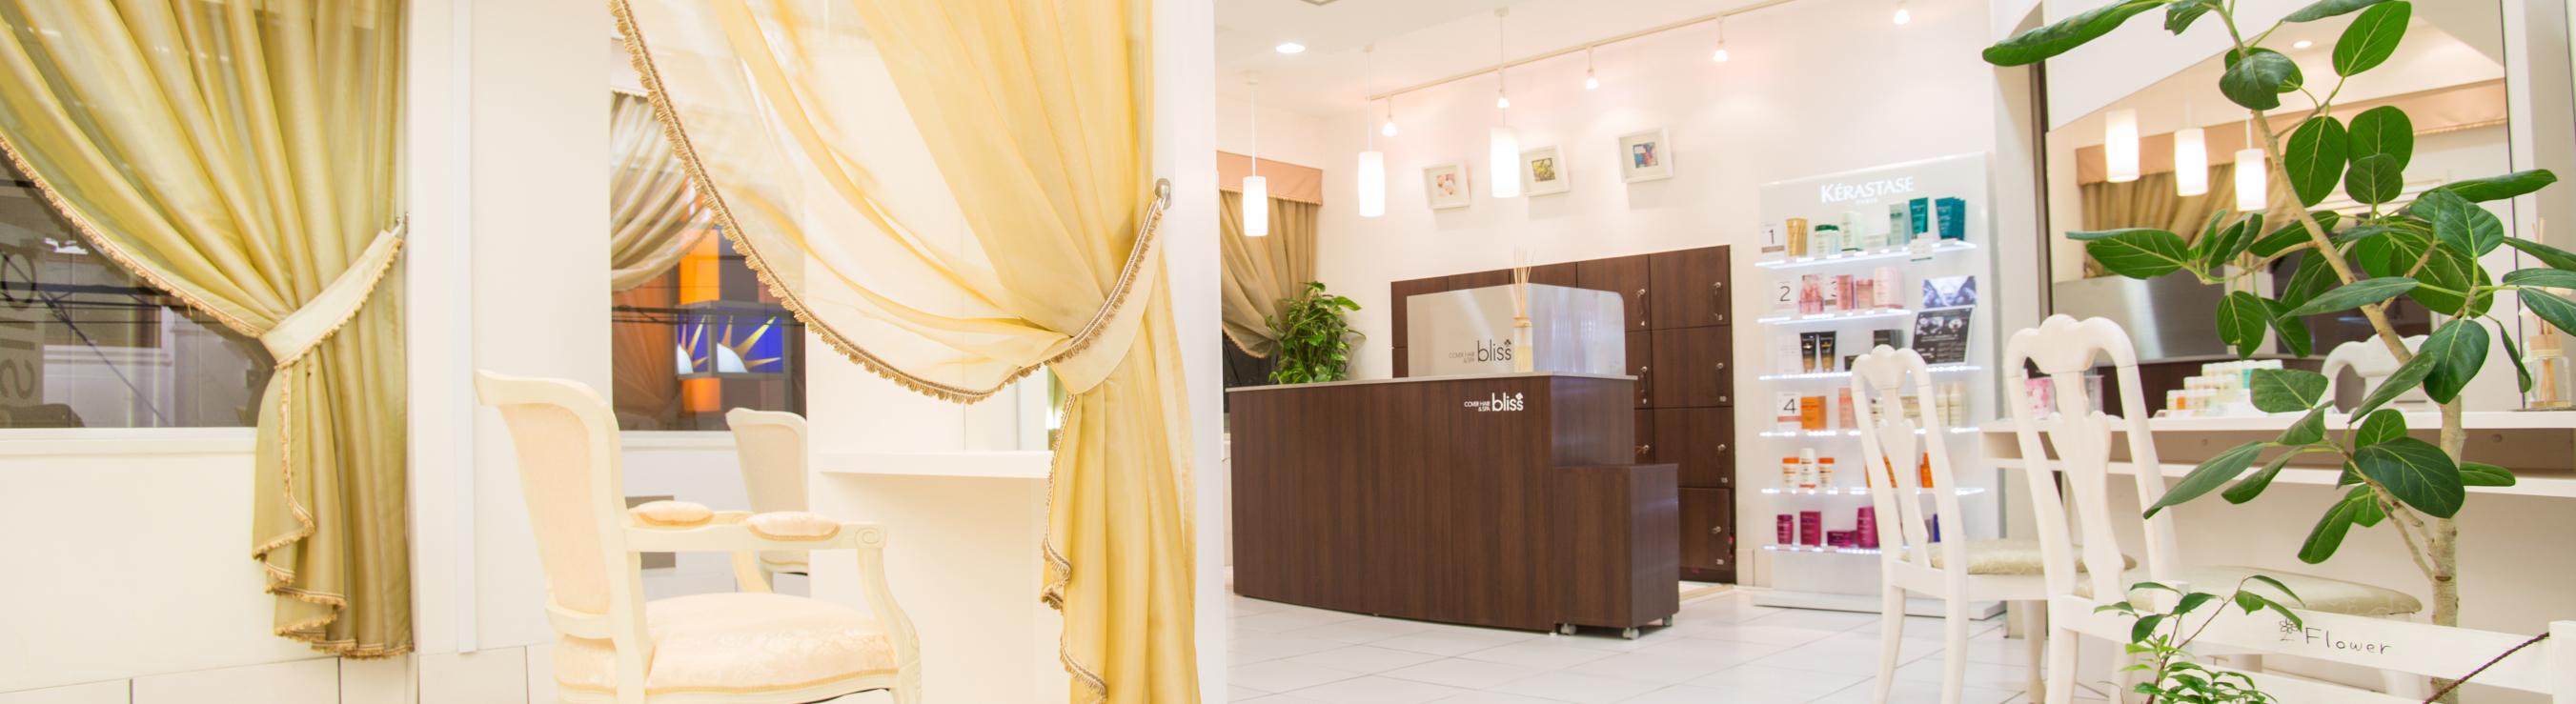 Coverhair&SPA bliss浦和店